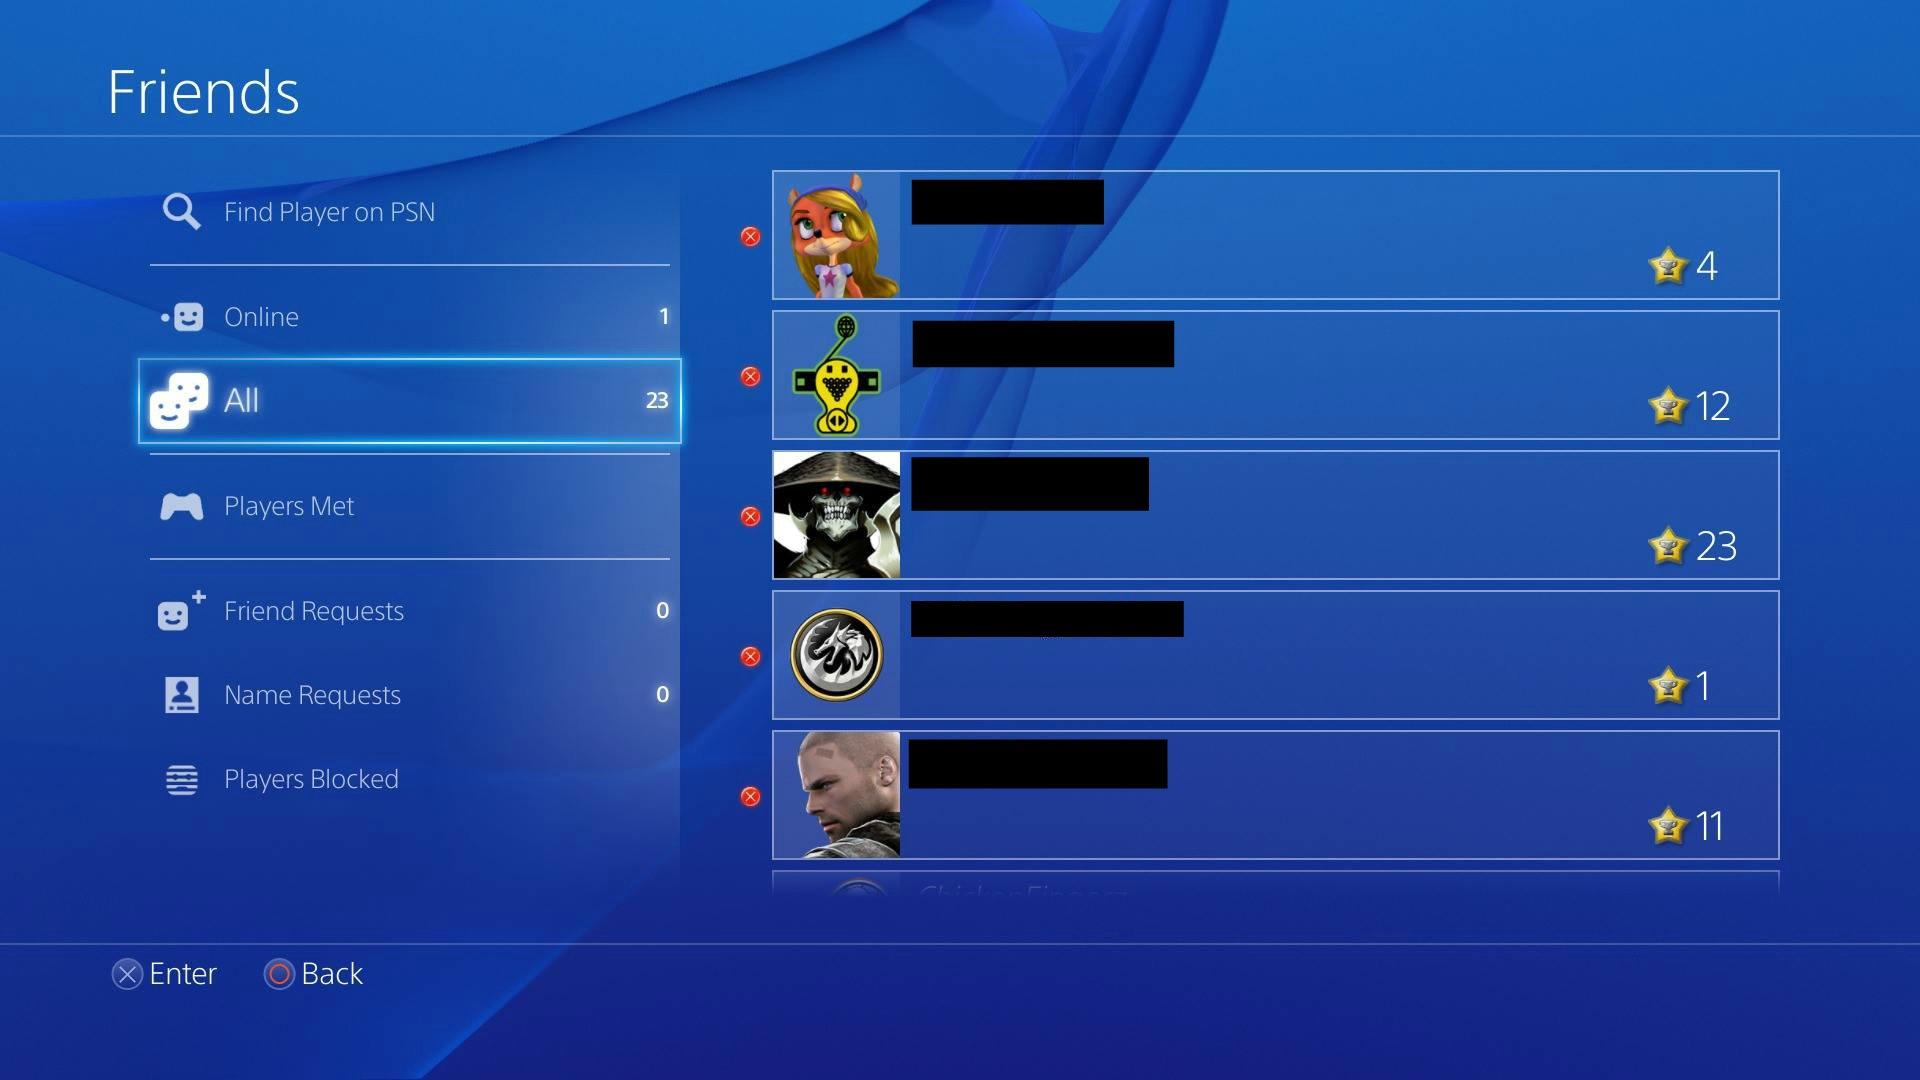 Друзья PS4: Сегодня мы соберемся все вместе! - Изображение 1